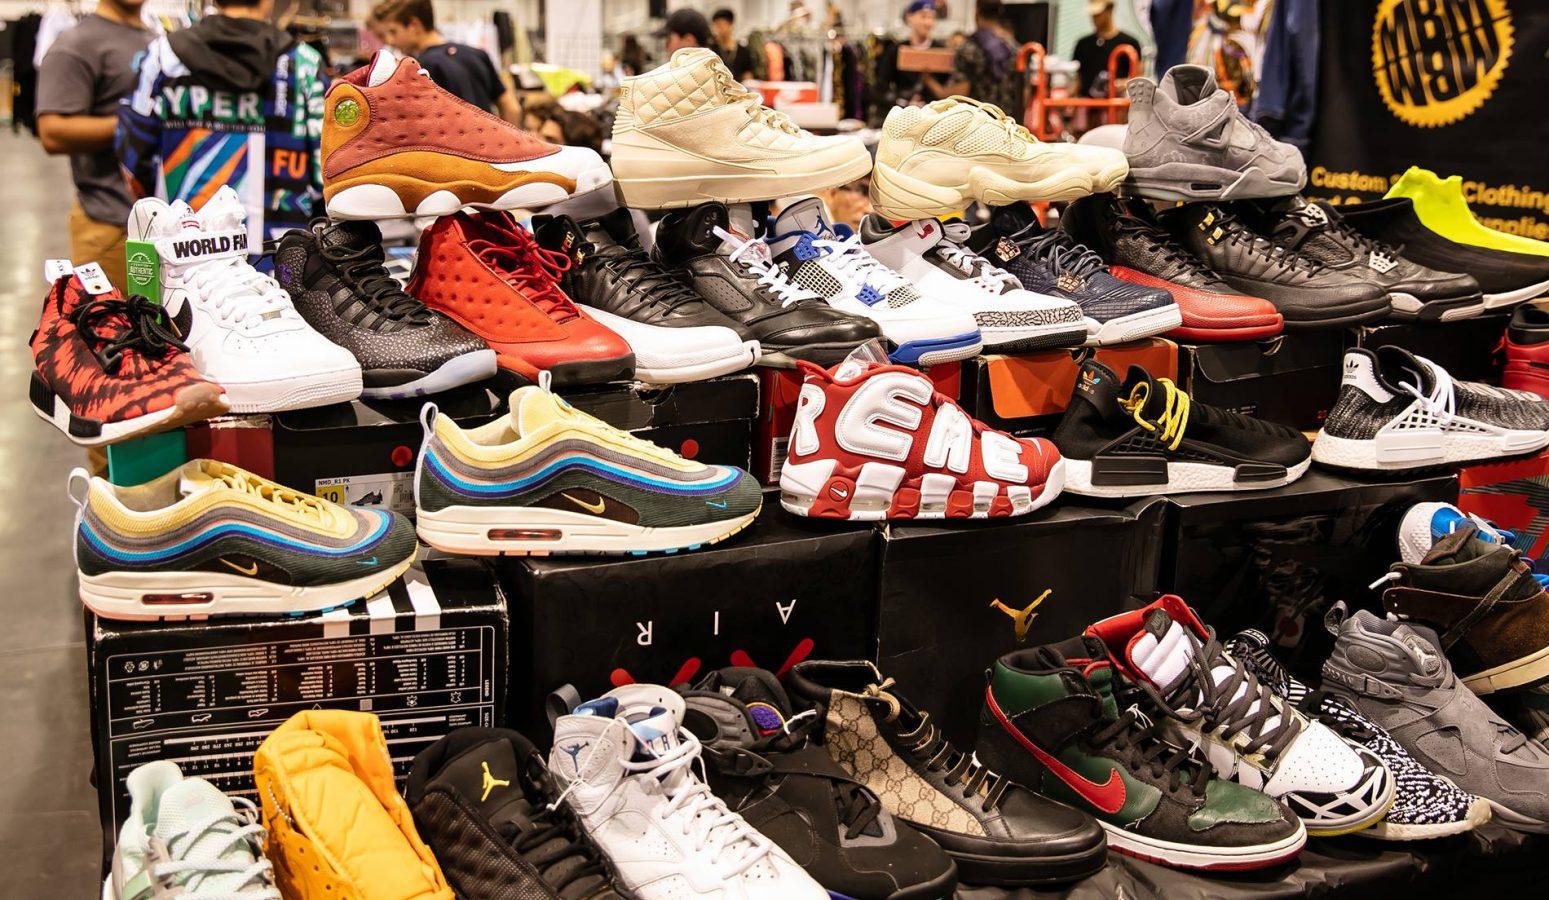 Sneaker Con Kicks Off in London